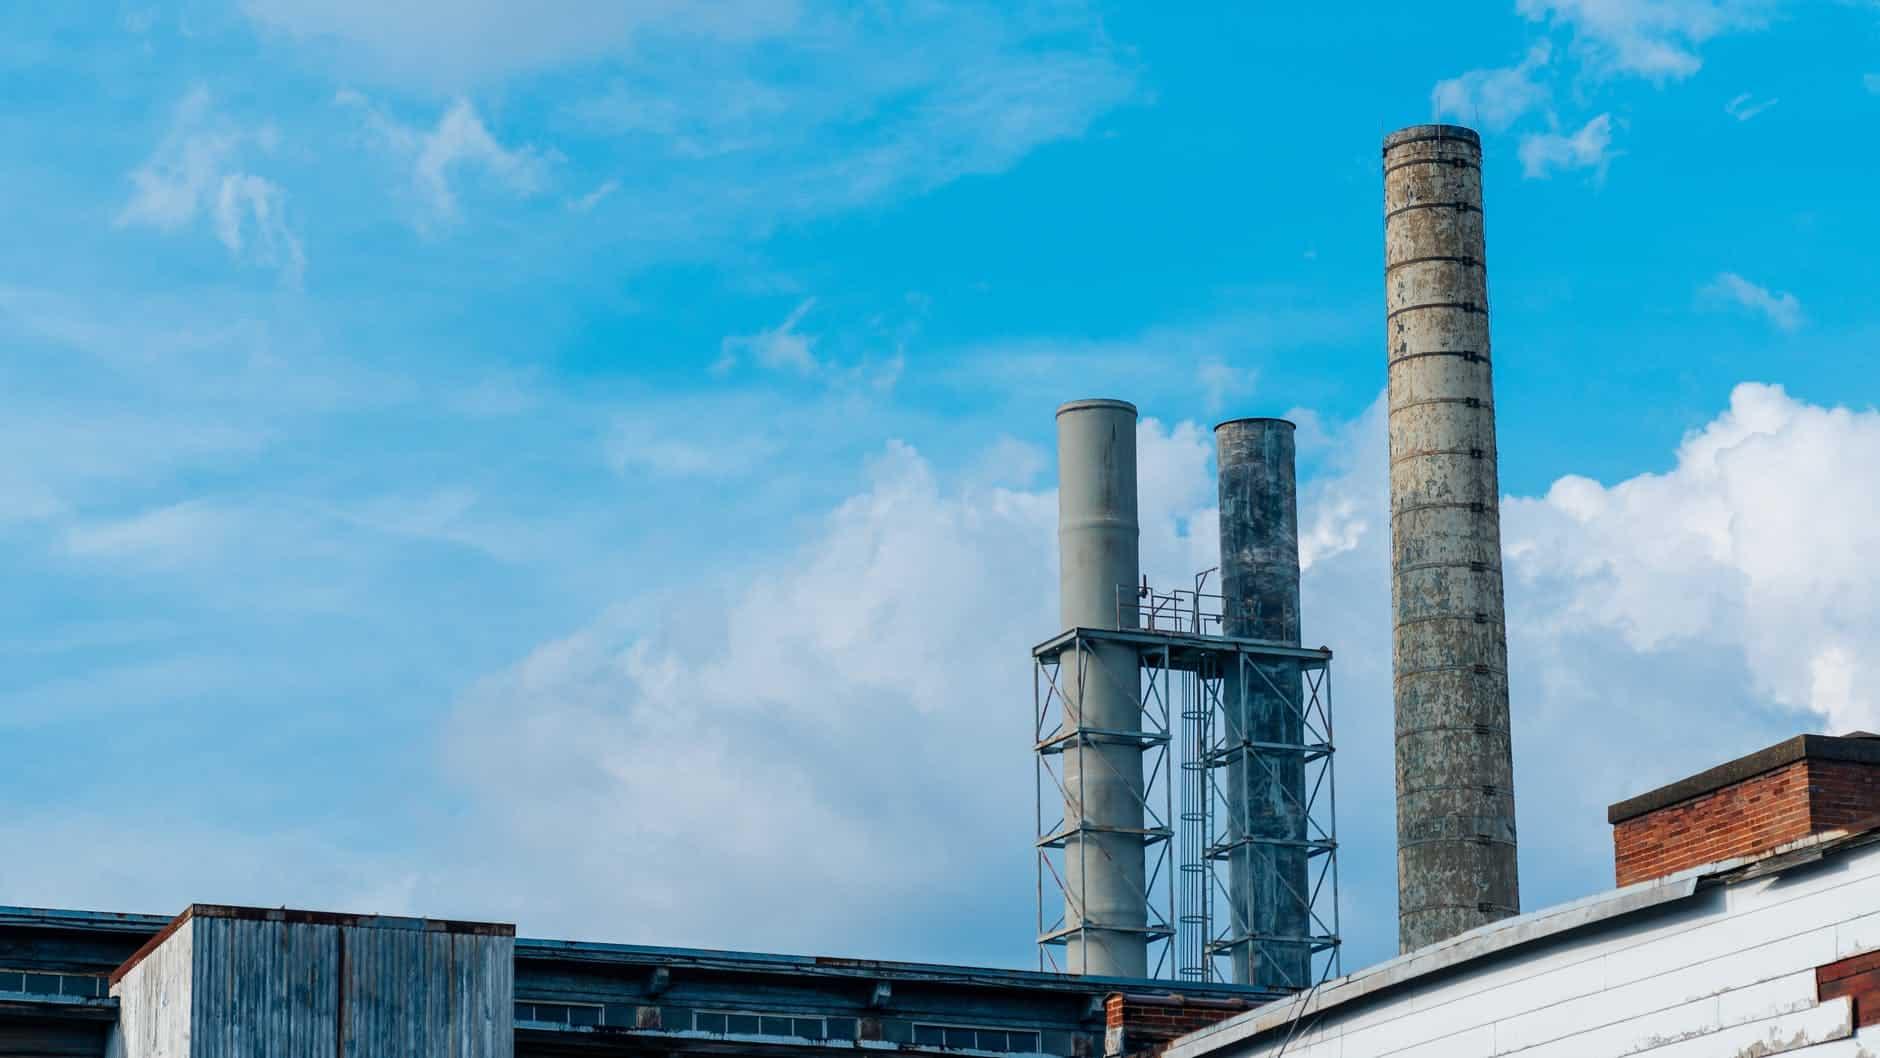 Nhà xưởng cho thuê: Điểm sáng của BĐS Công nghiệp